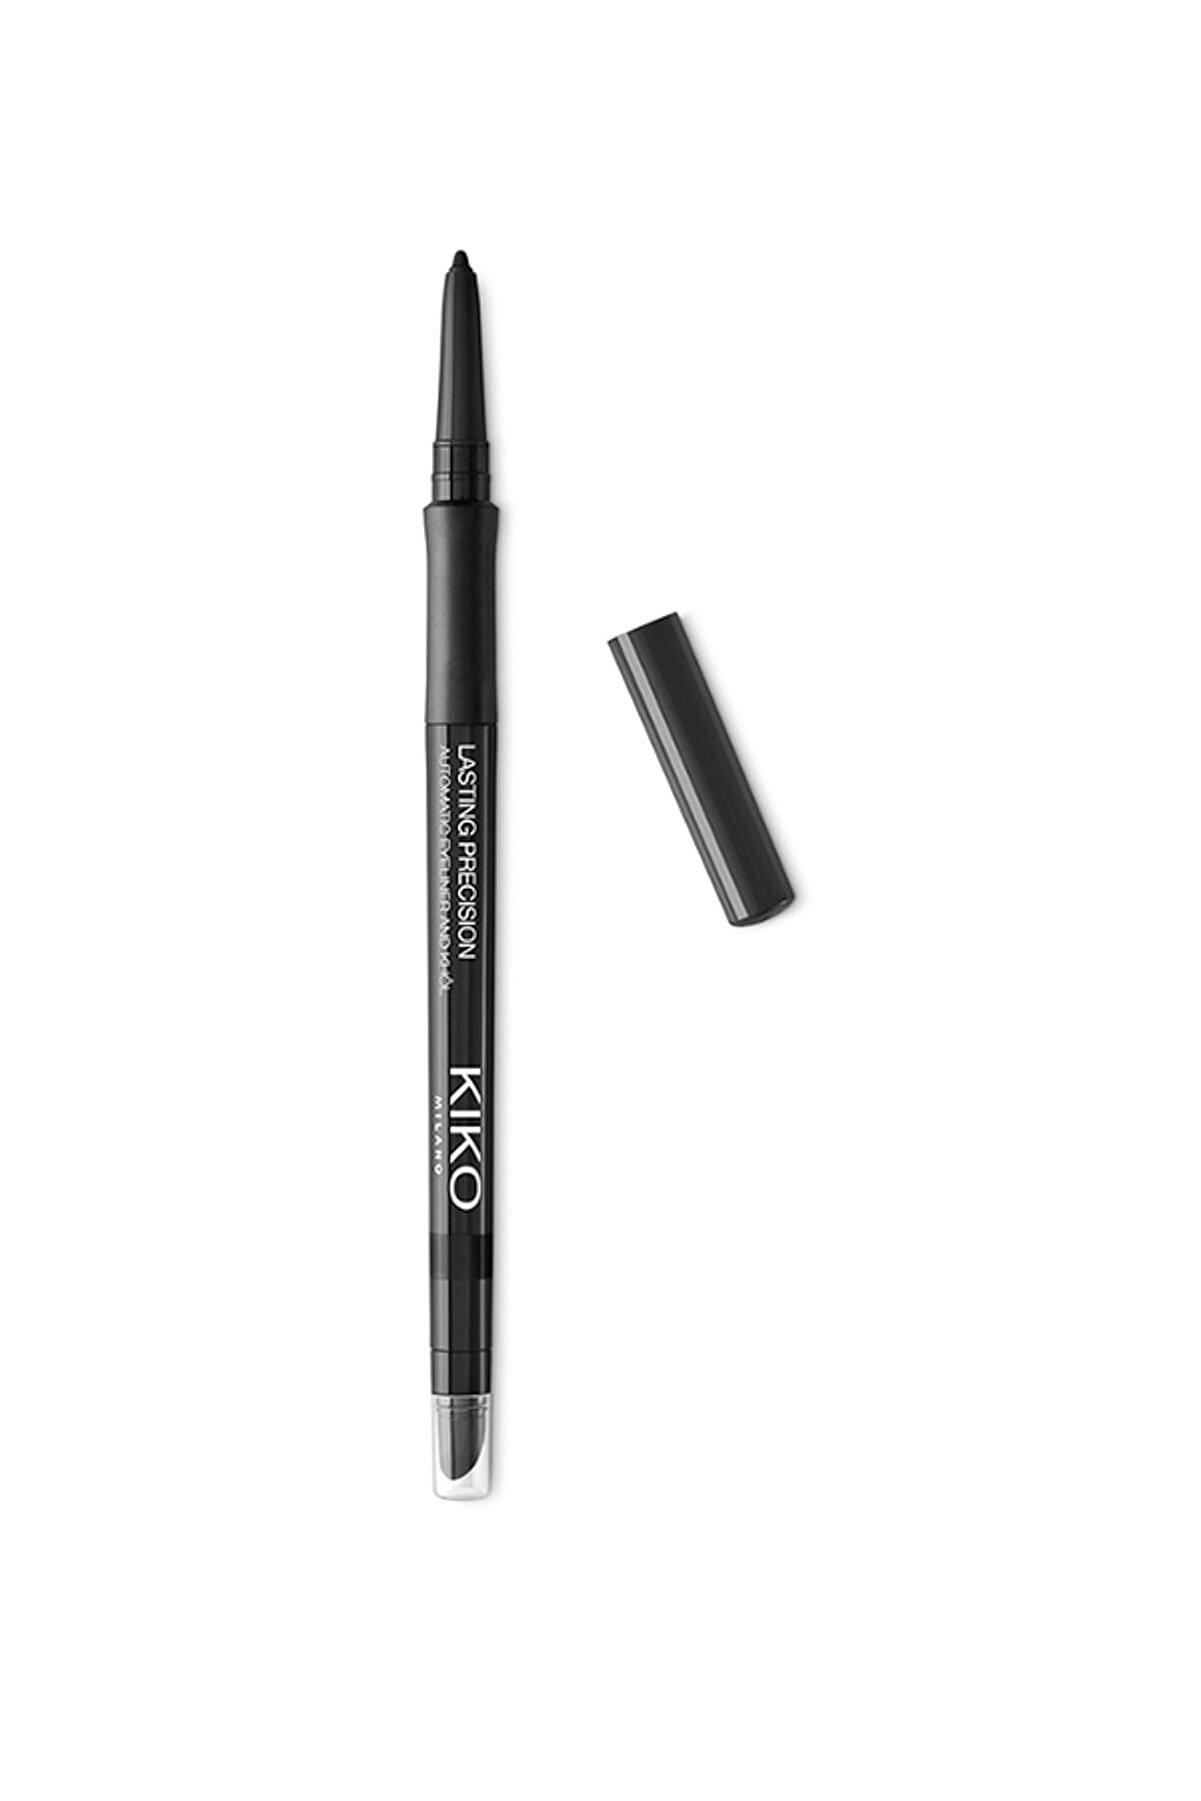 KIKO Göz Kalemi - Lasting Precision Automatic Eyeliner & Kajal 16 Black 0.35 g 8025272616416